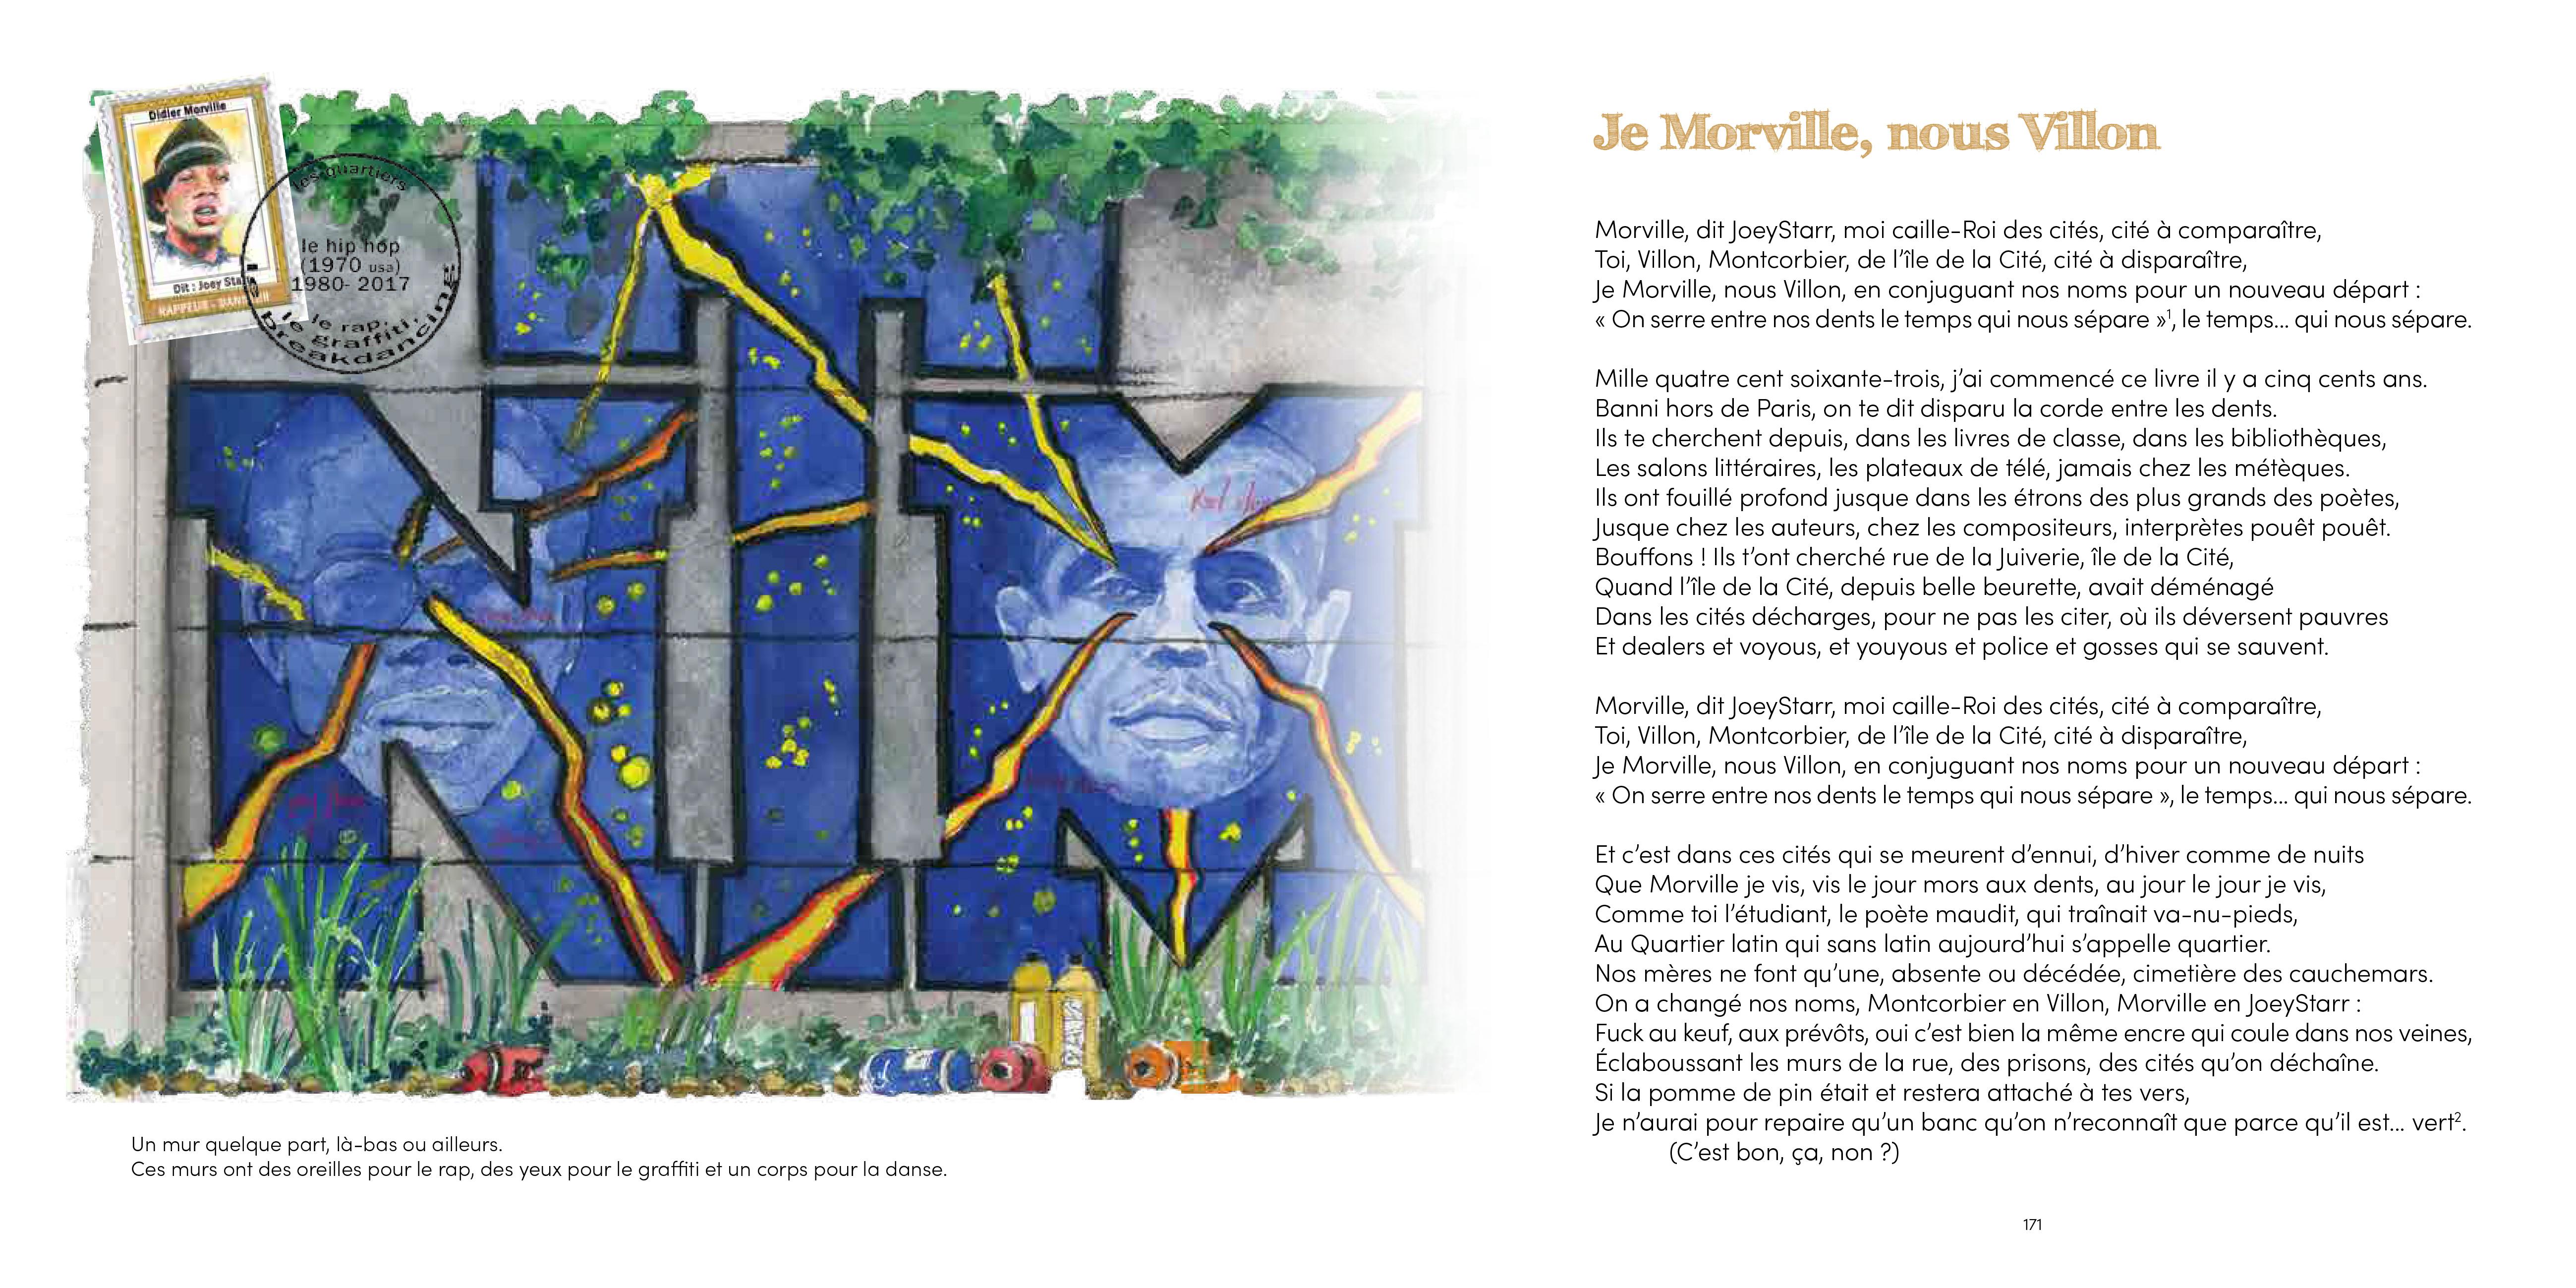 170-171-Morville villon